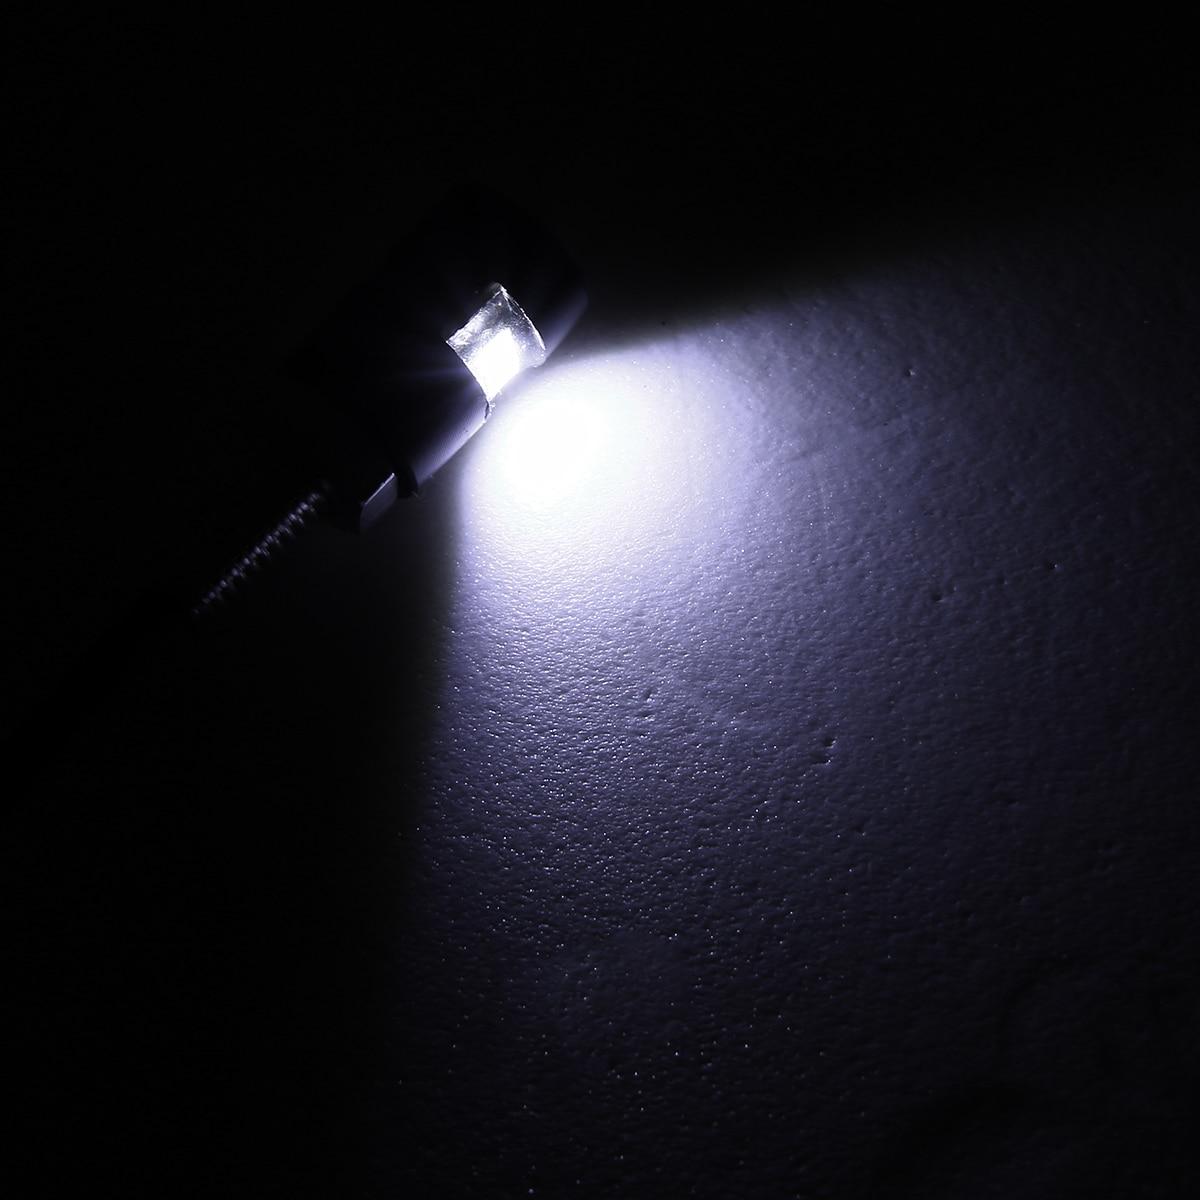 Image 5 - For ATV Quad Off road 1Pair 12V LED Motorcycle Car License Plate Screw Bolt Light Bulb Black Housing White Lamp Mayitr